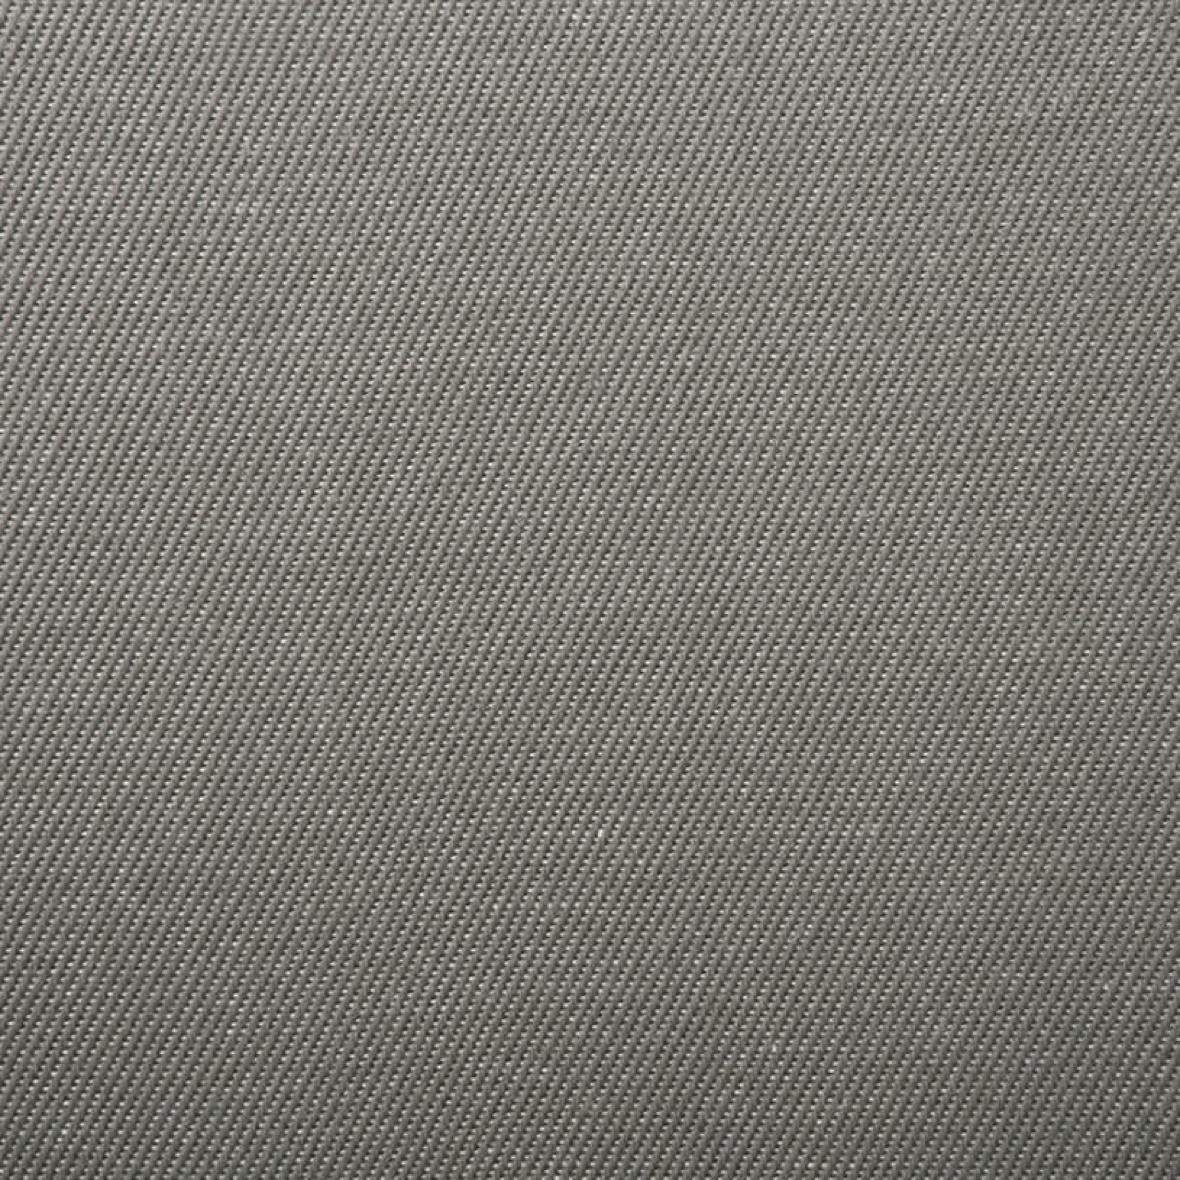 G-1043 ドレープH 1.5 LL 300*260 標準縫製1.5倍ヒダ オーダーカーテン0